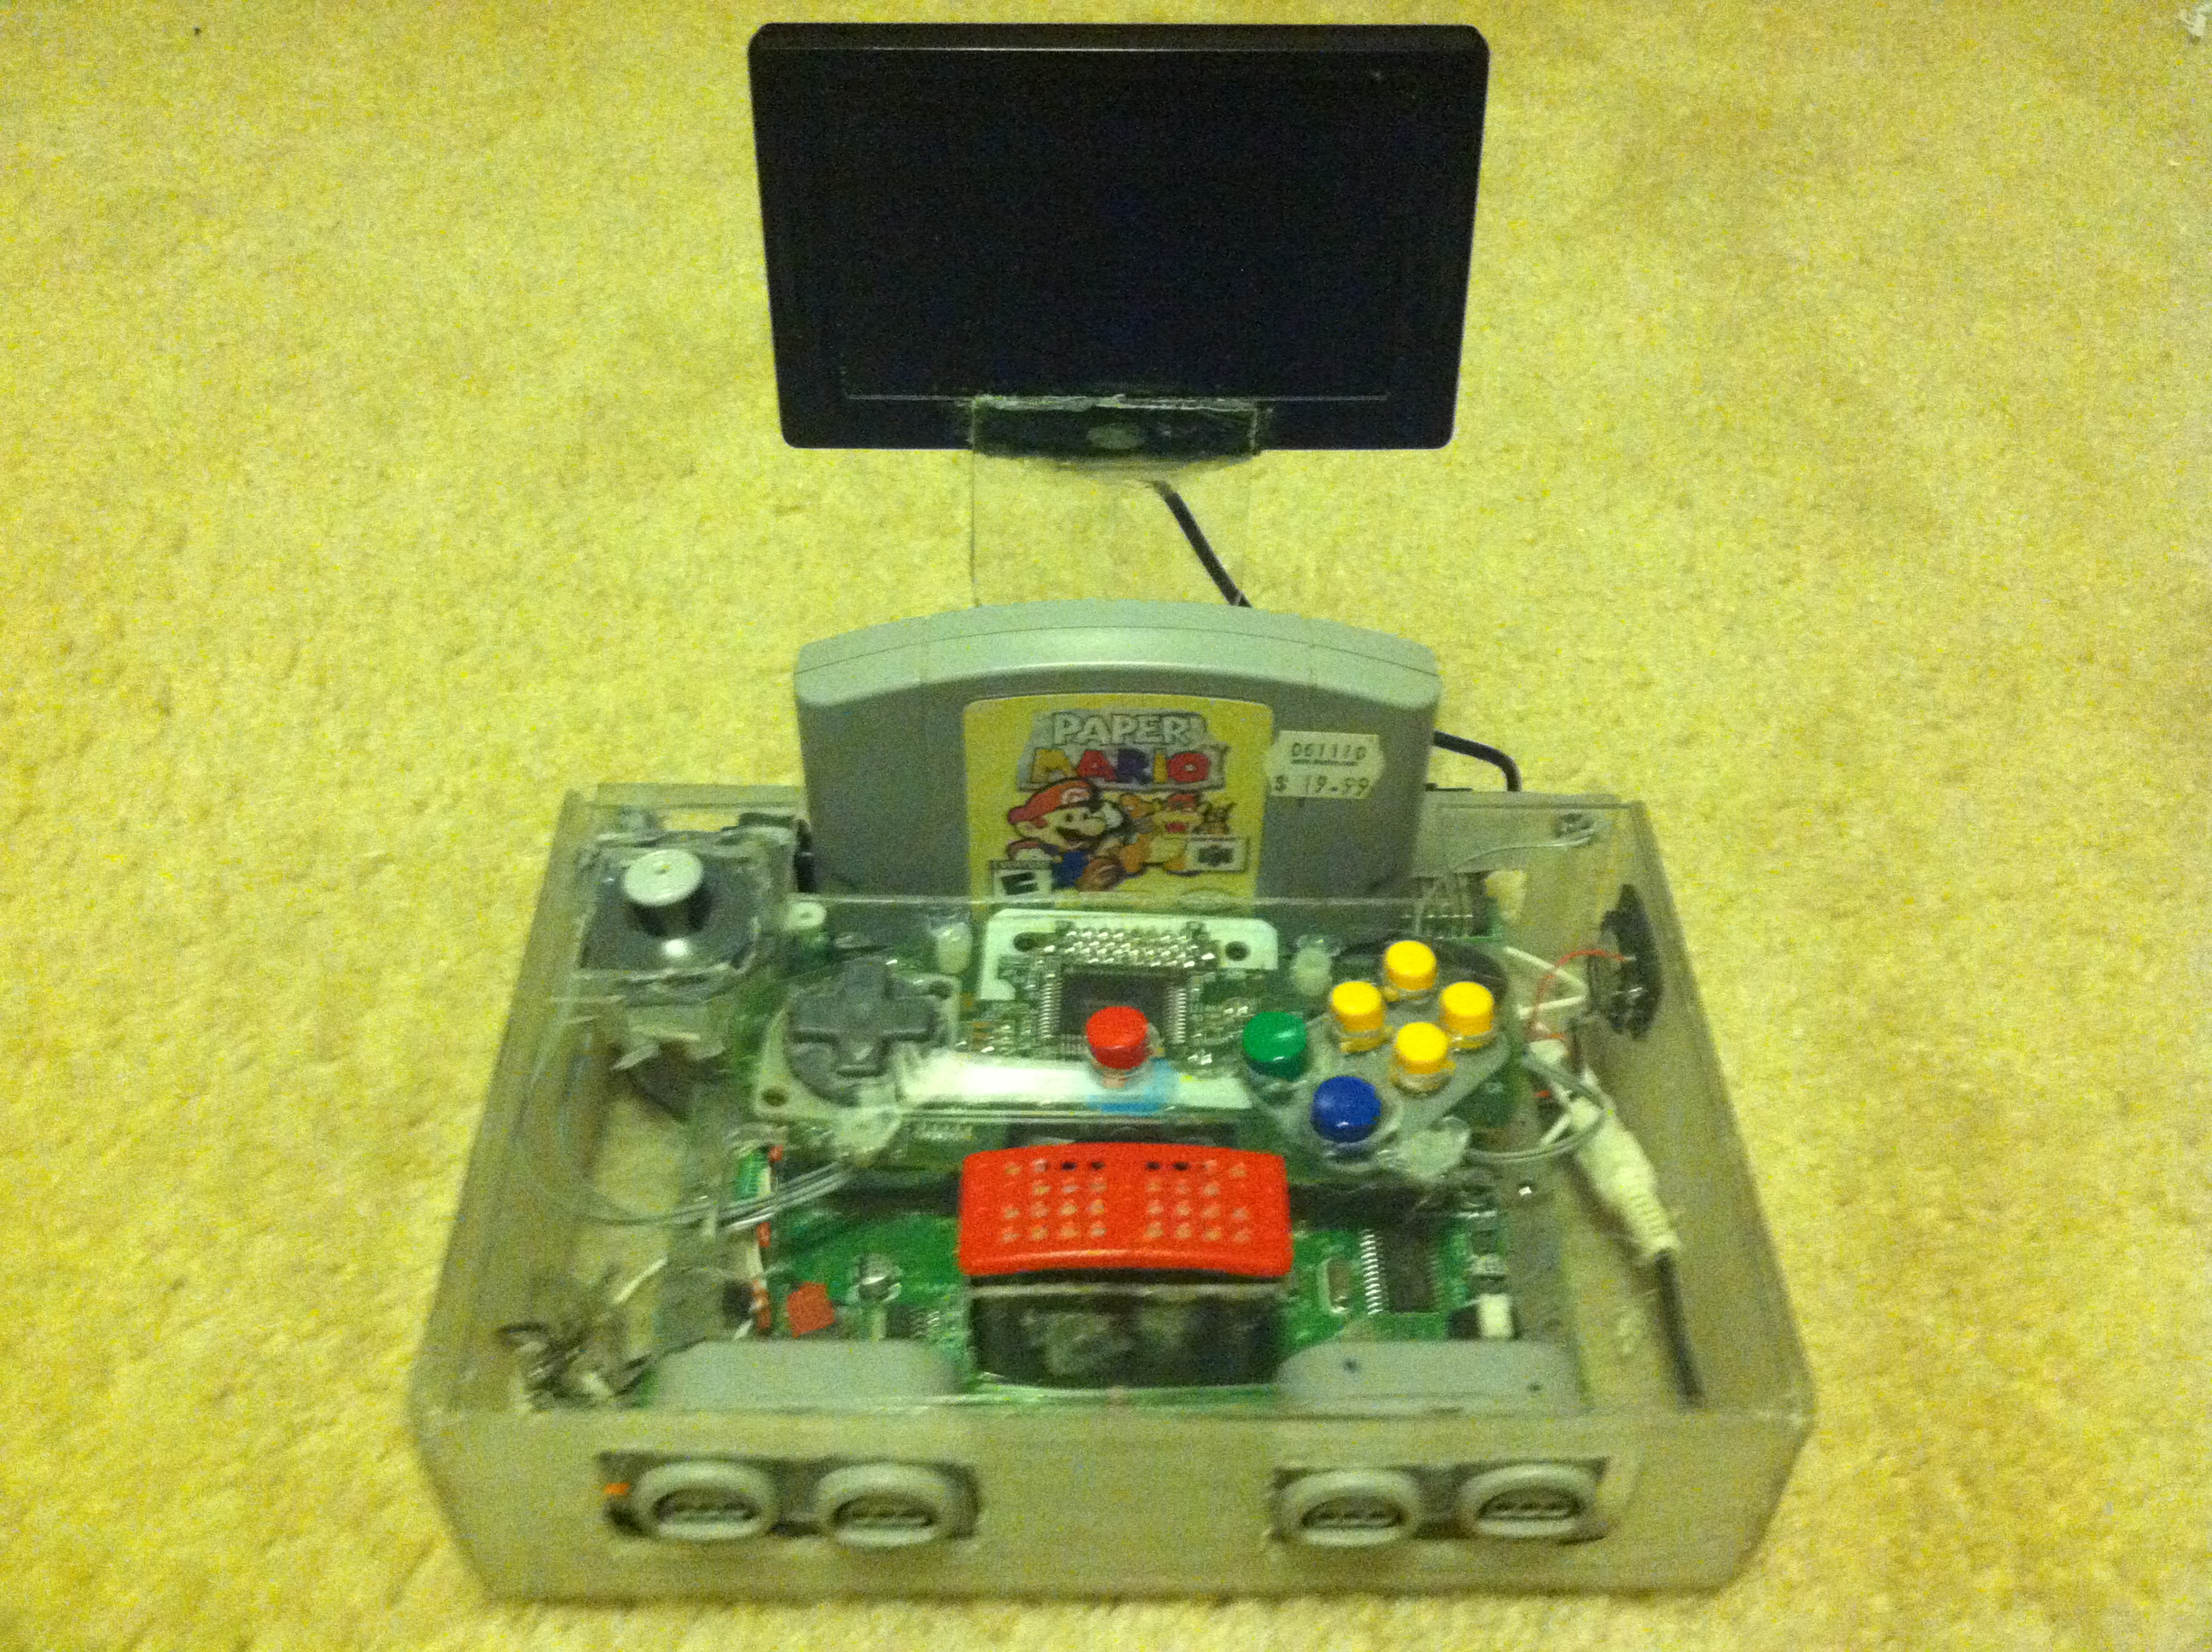 How To Make A Portable Nintendo 64 (steps)